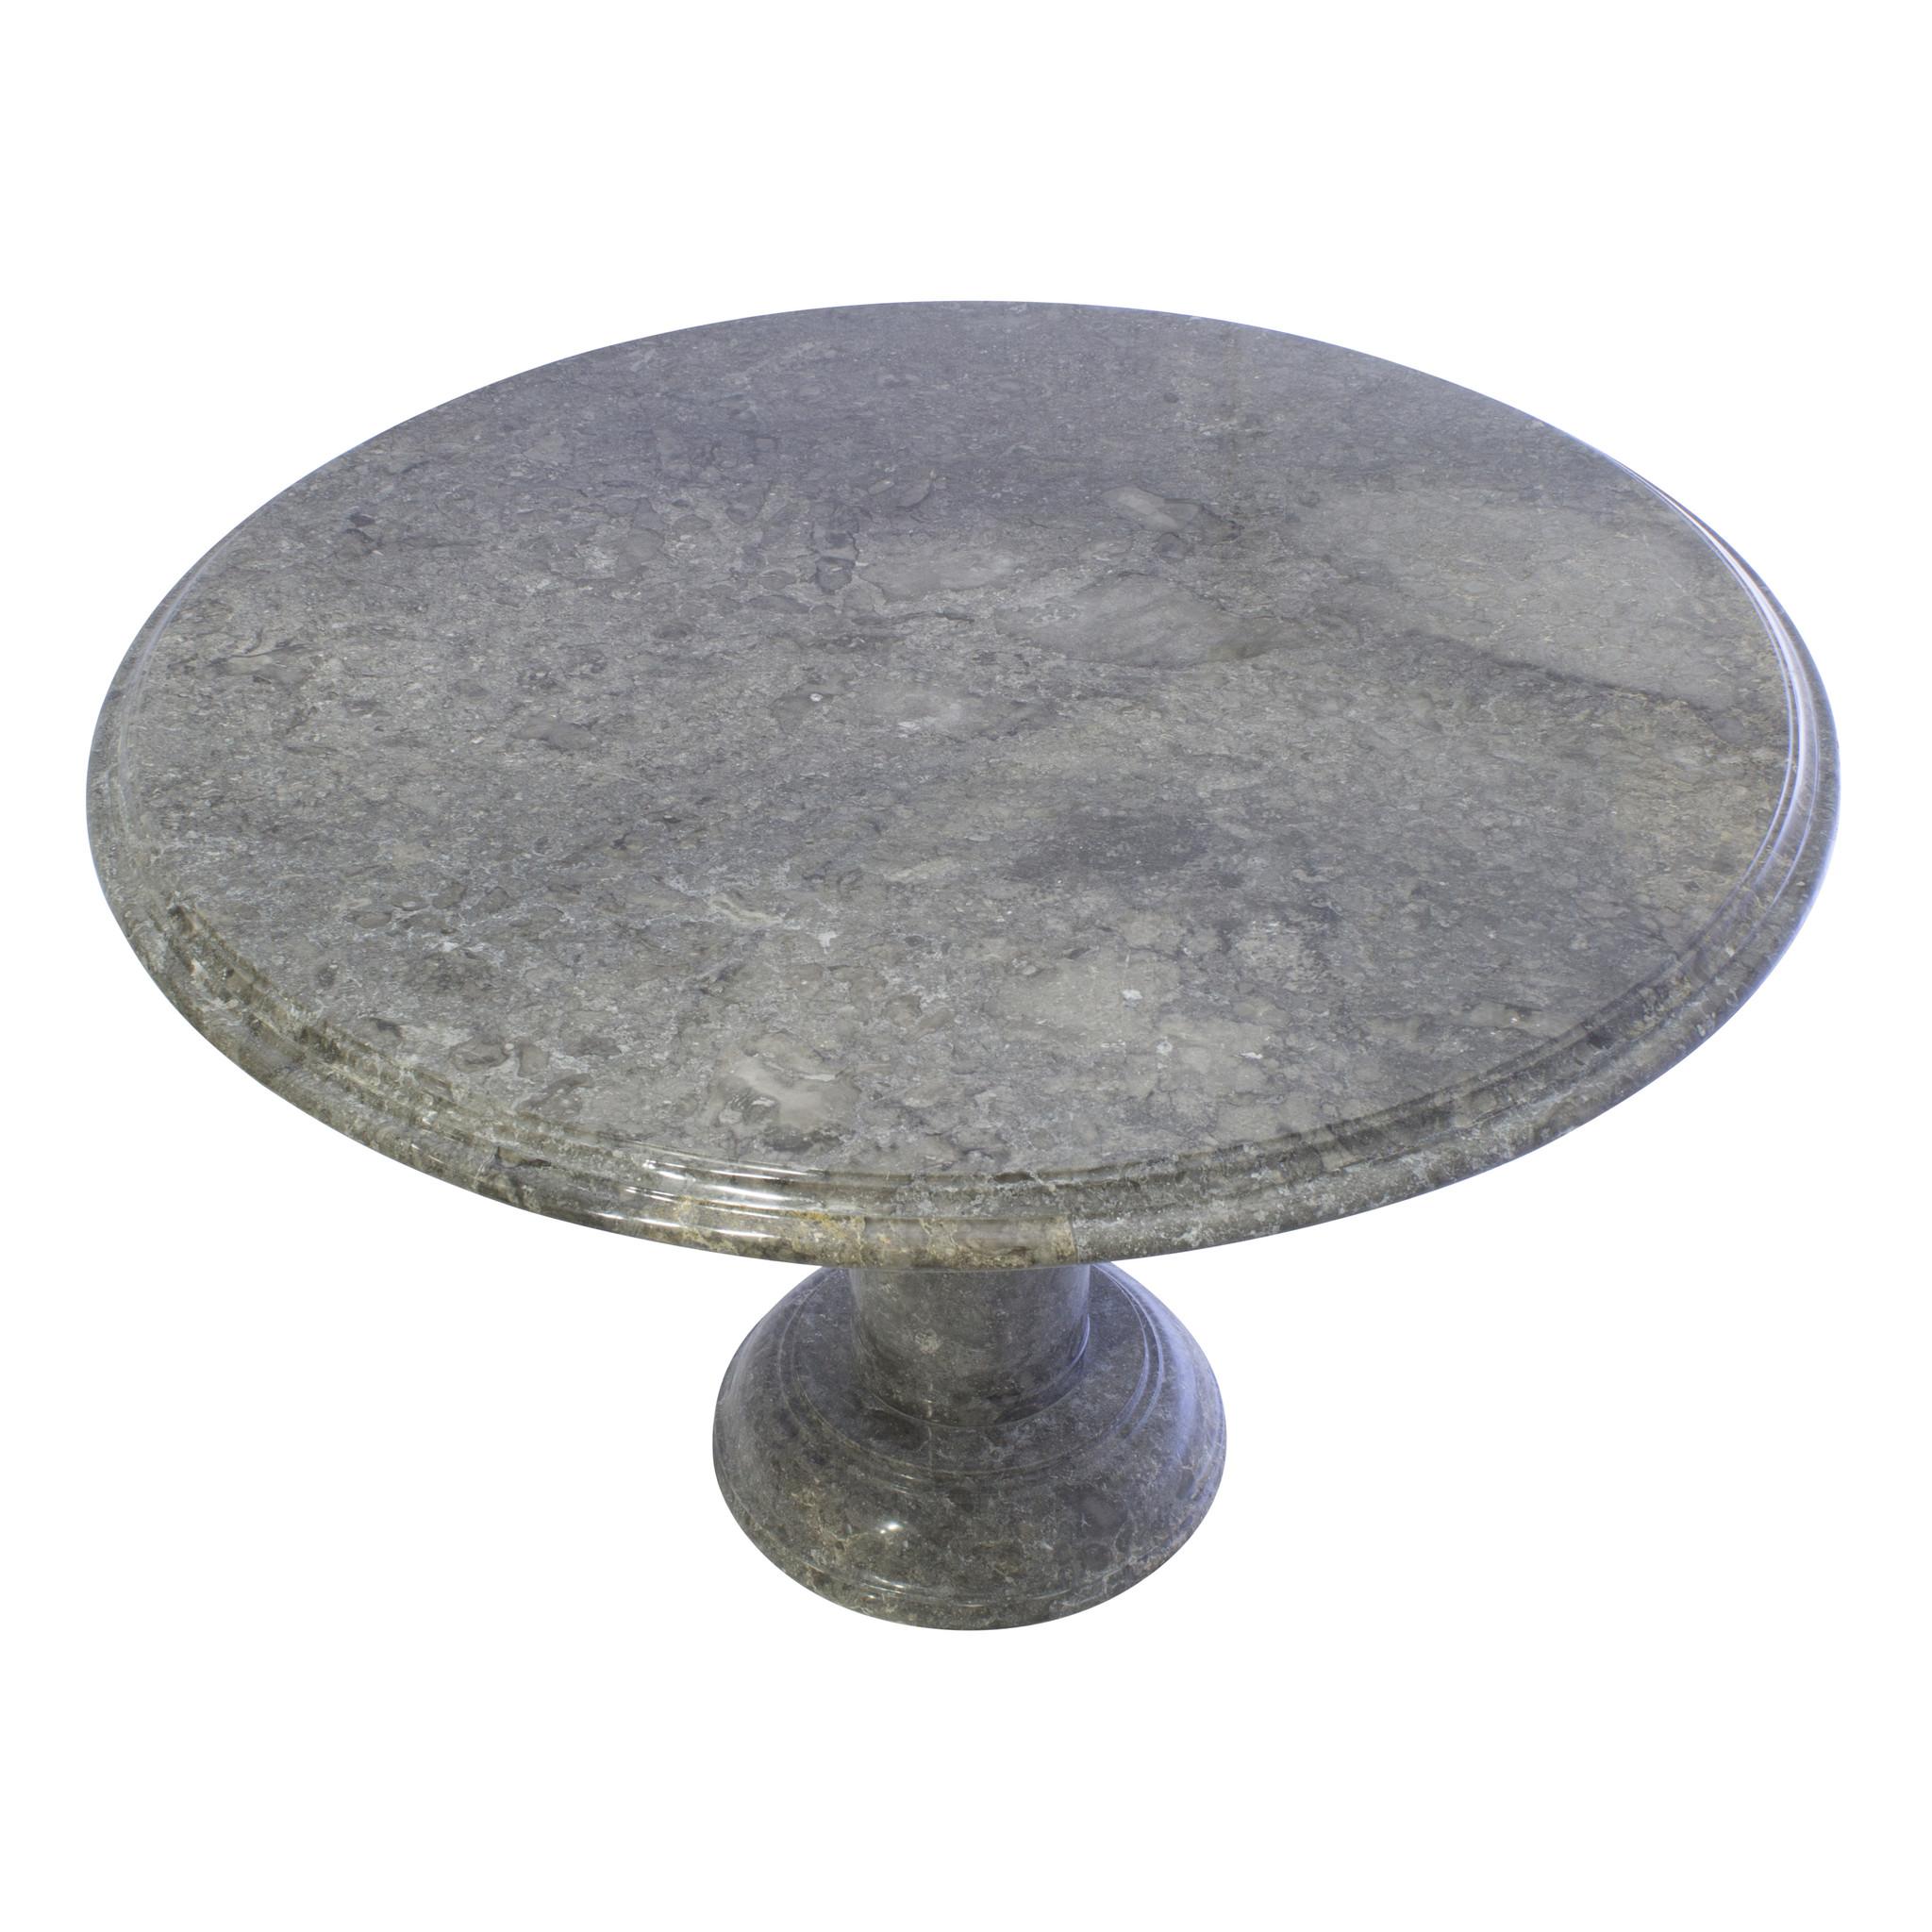 Indomarmer Esstisch Rund Ø120xH79 cm Grauer Marmor